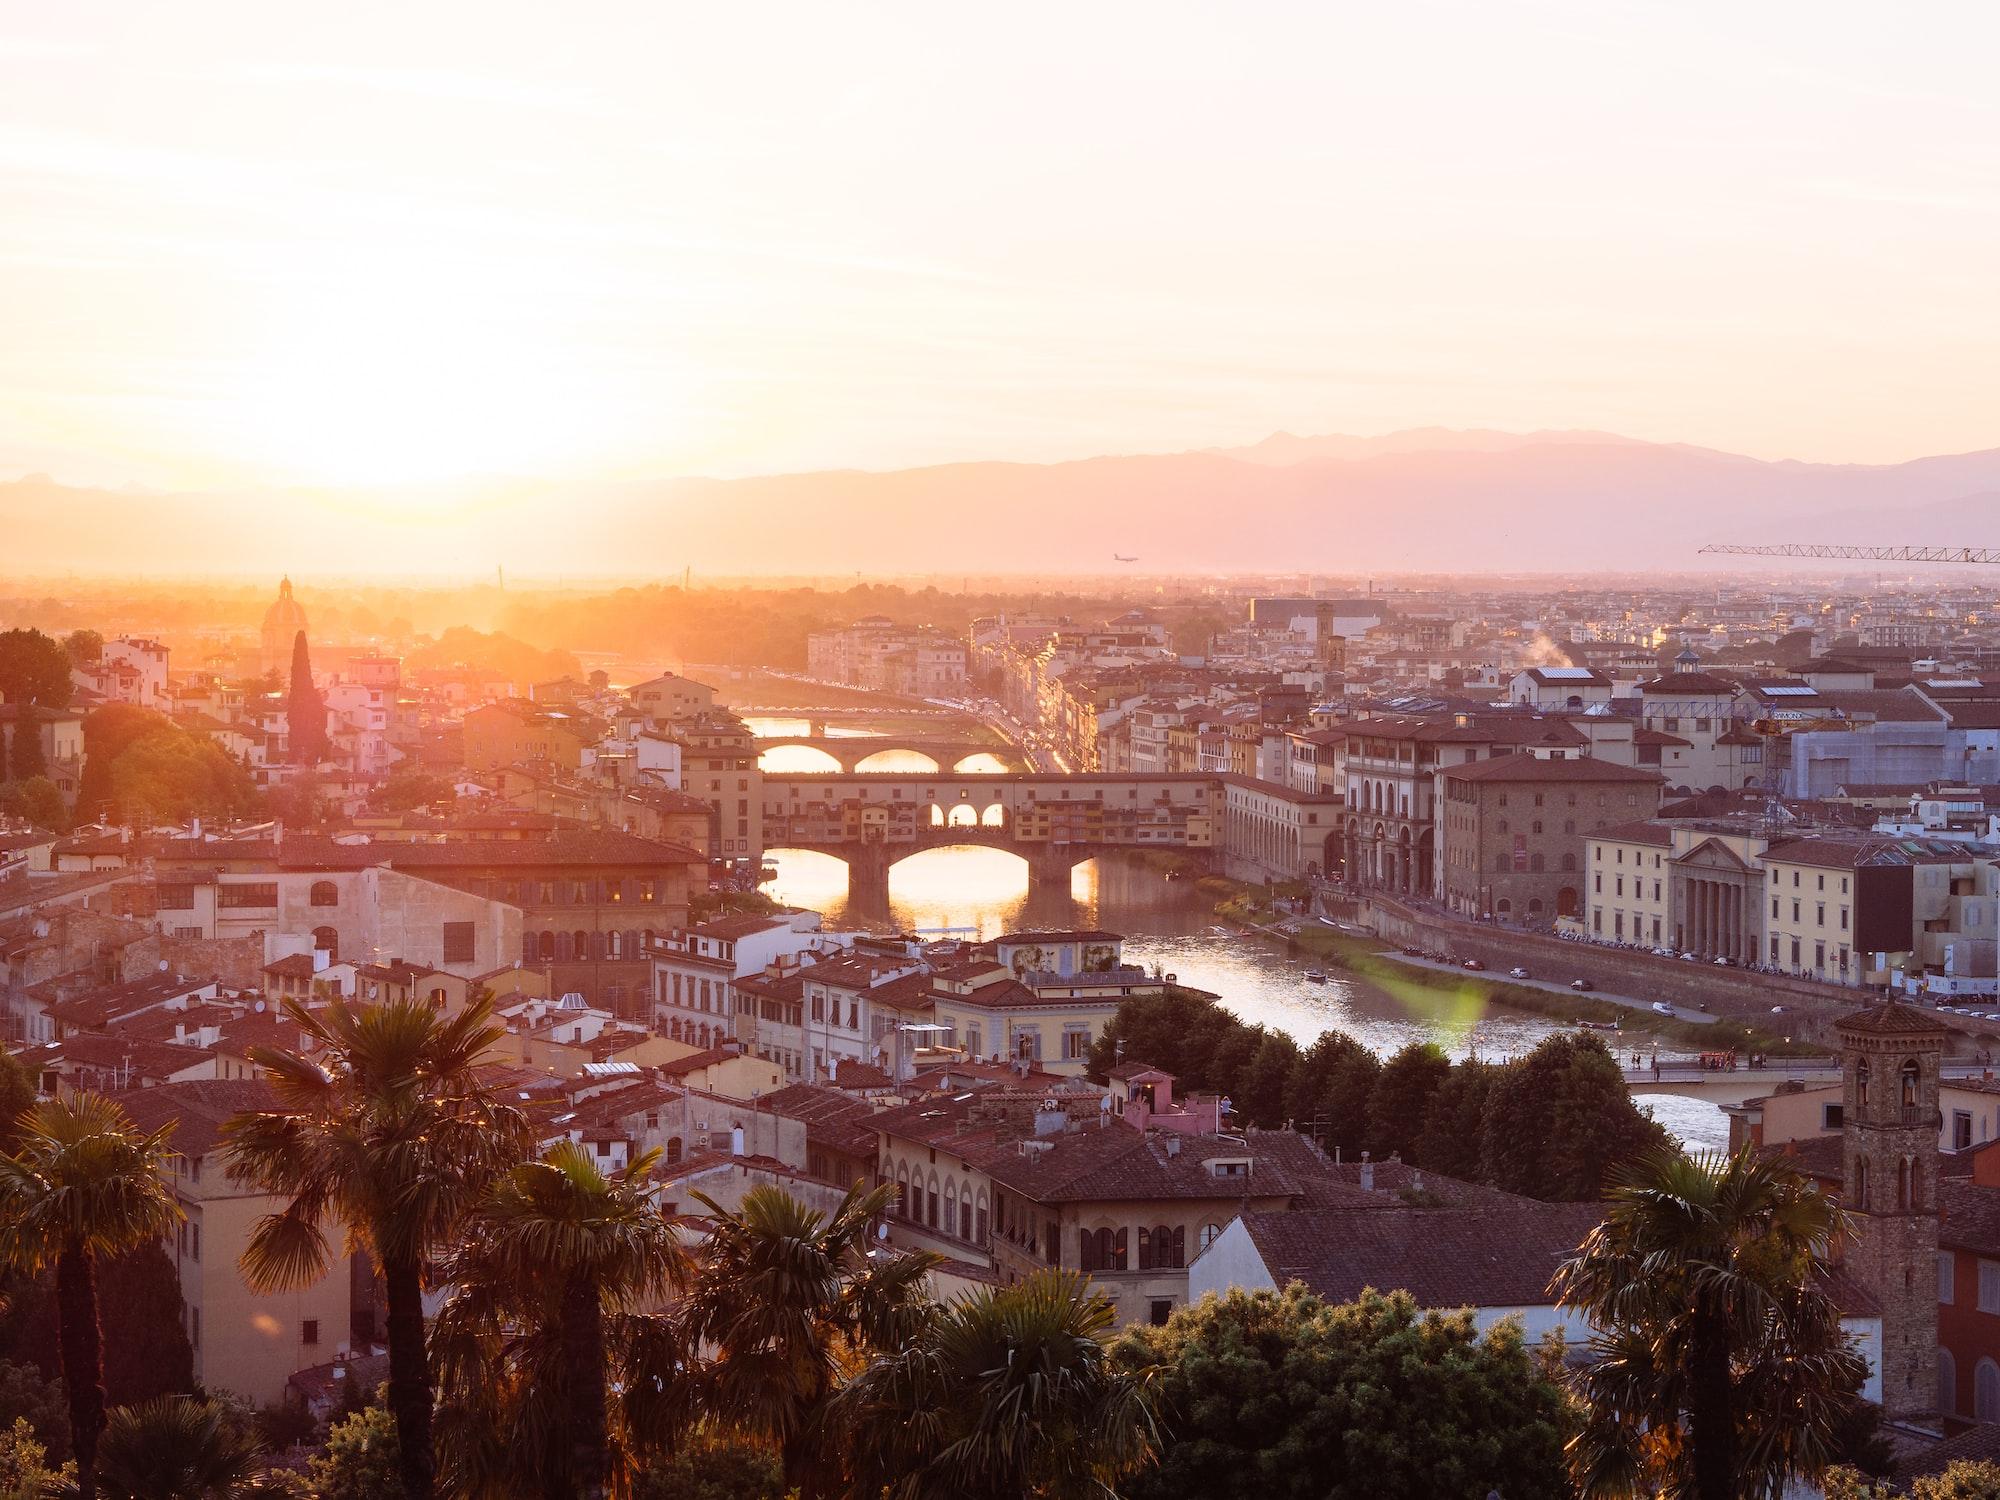 Riunione – Firenze